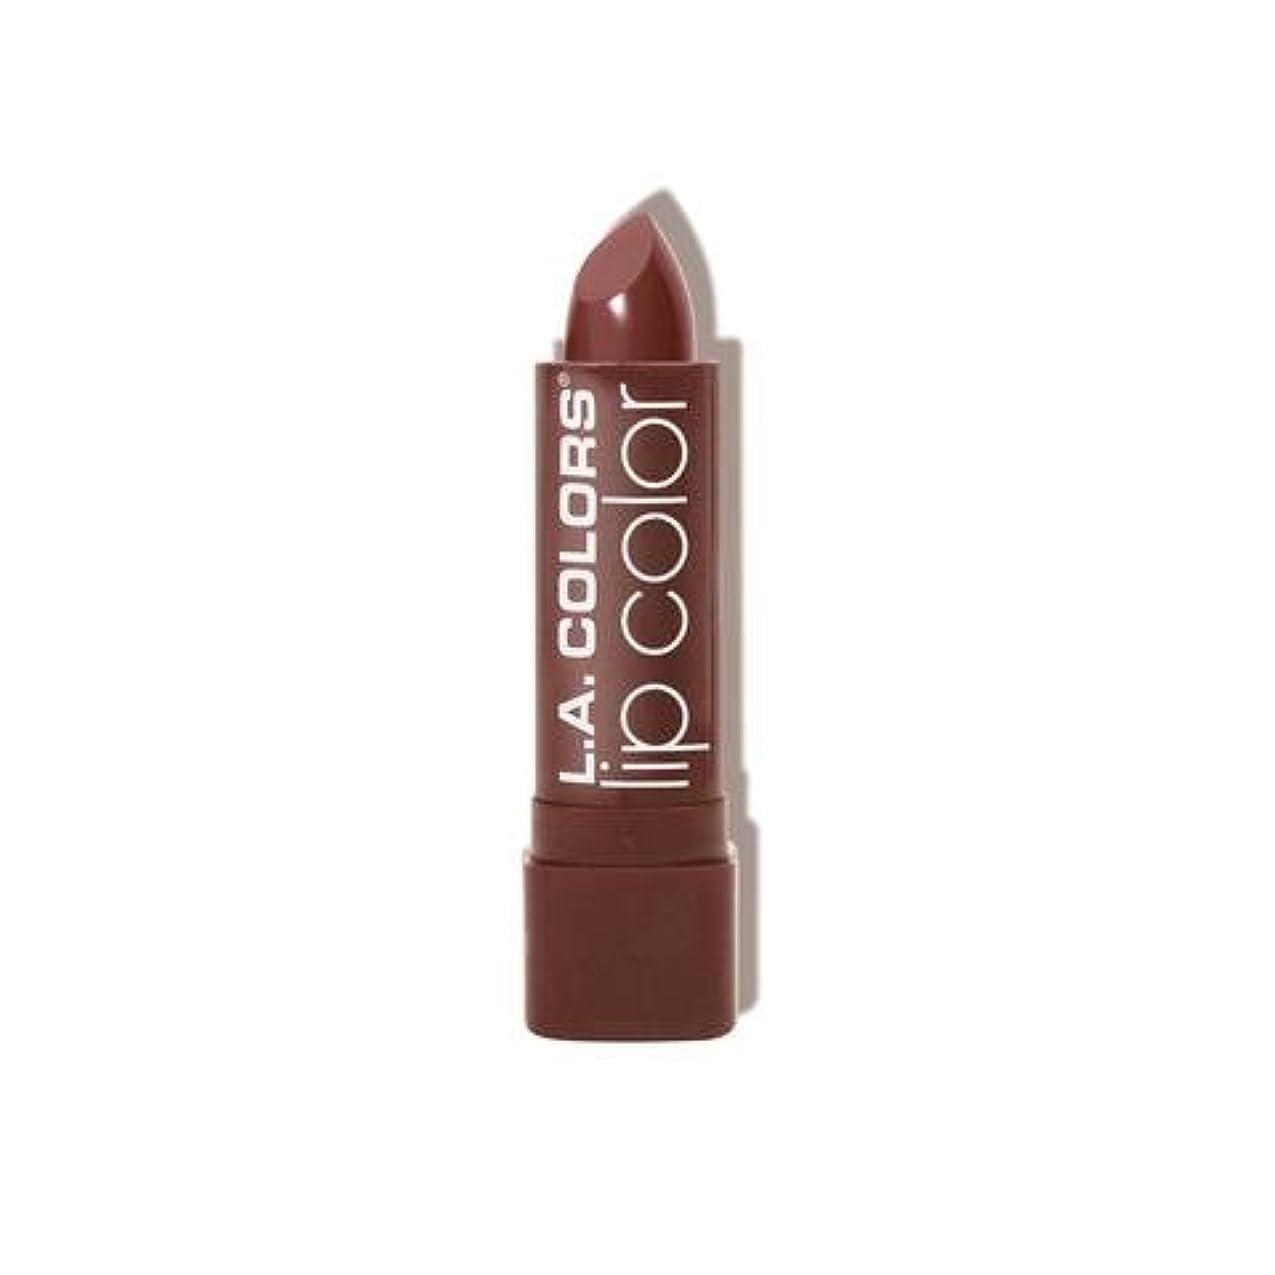 カテナ粘り強い歩く(6 Pack) L.A. COLORS Moisture Rich Lip Color - Taupe Envy (並行輸入品)